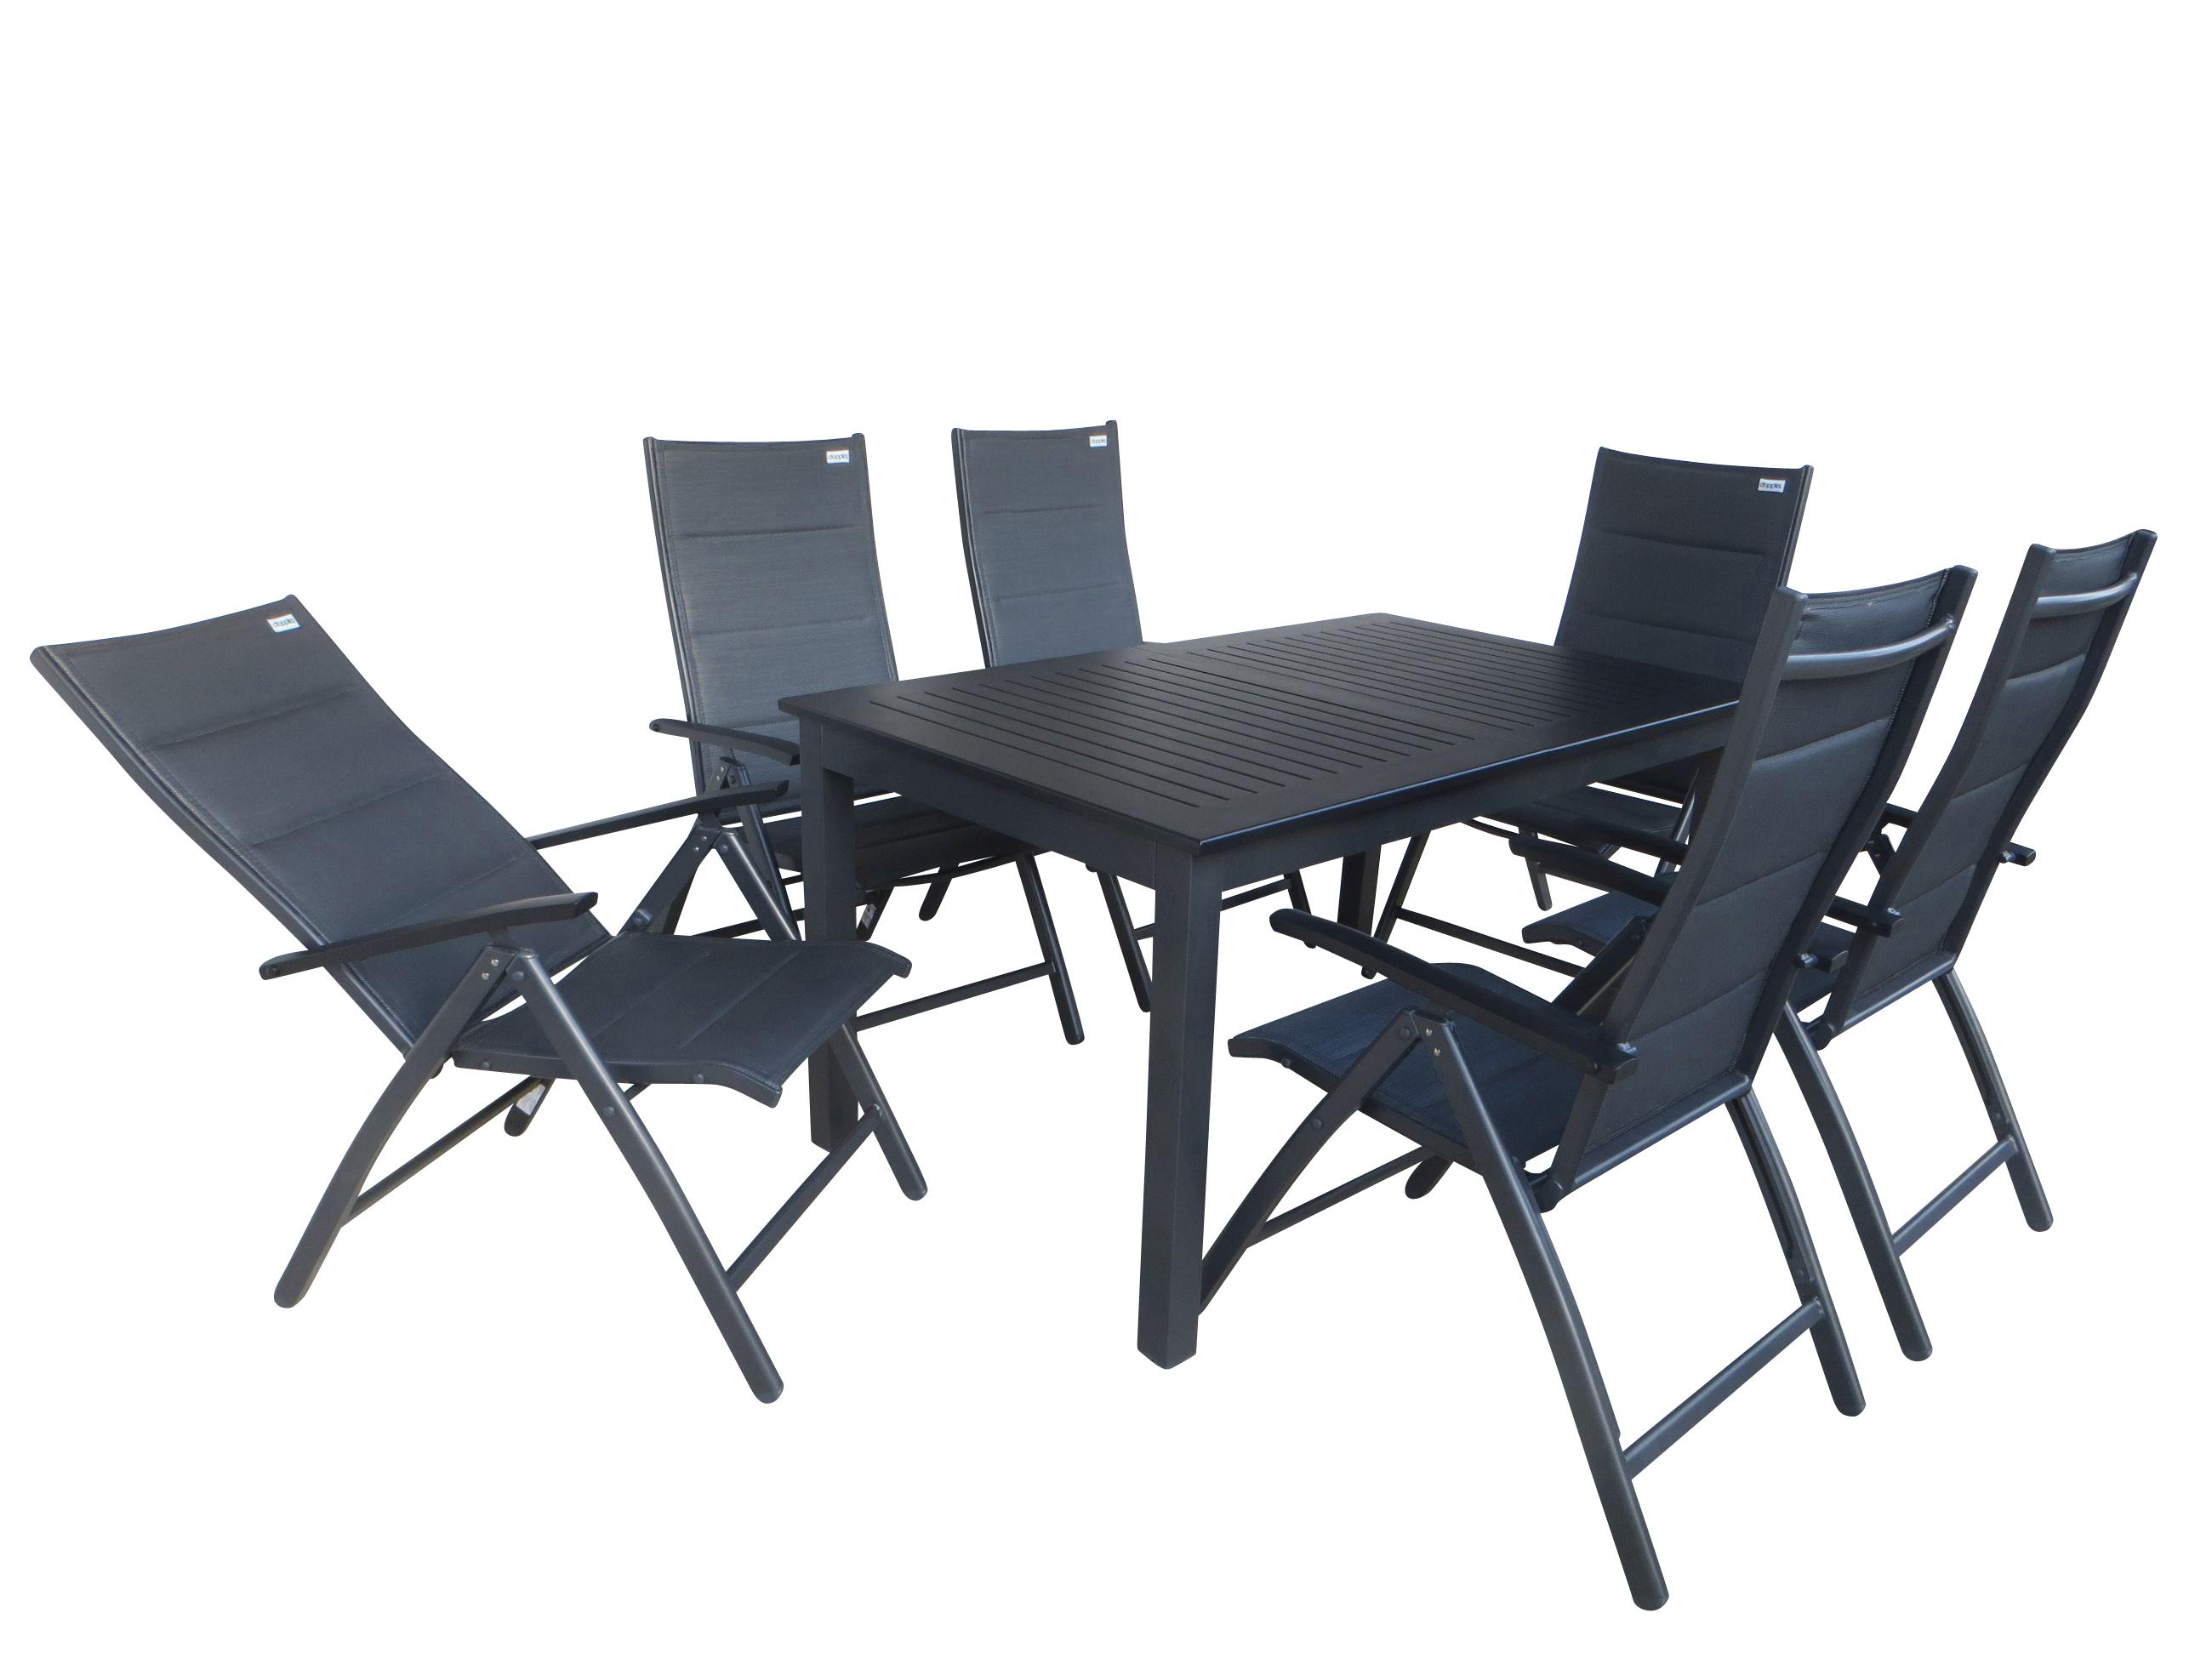 munduk padded alu gartenm bel set sitzgarnitur 7tlg. Black Bedroom Furniture Sets. Home Design Ideas